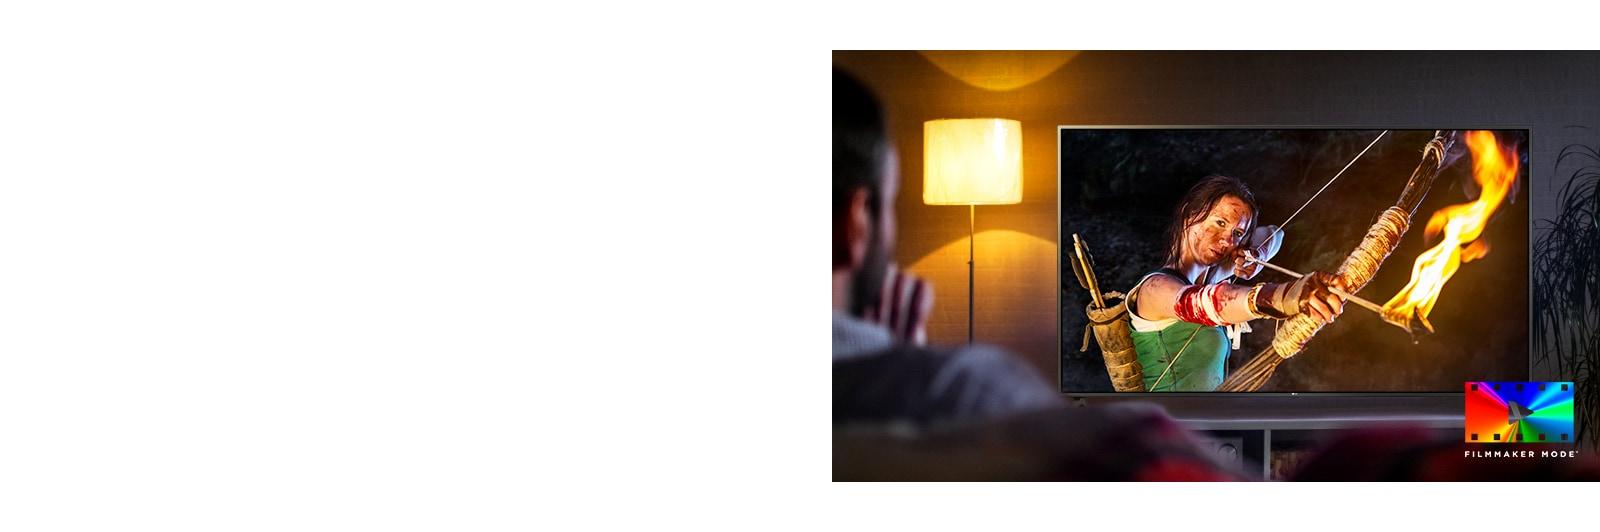 Un uomo seduto su un divano che guarda un film d'azione. La ragazza in TV ha un arco completamente teso e una freccia.